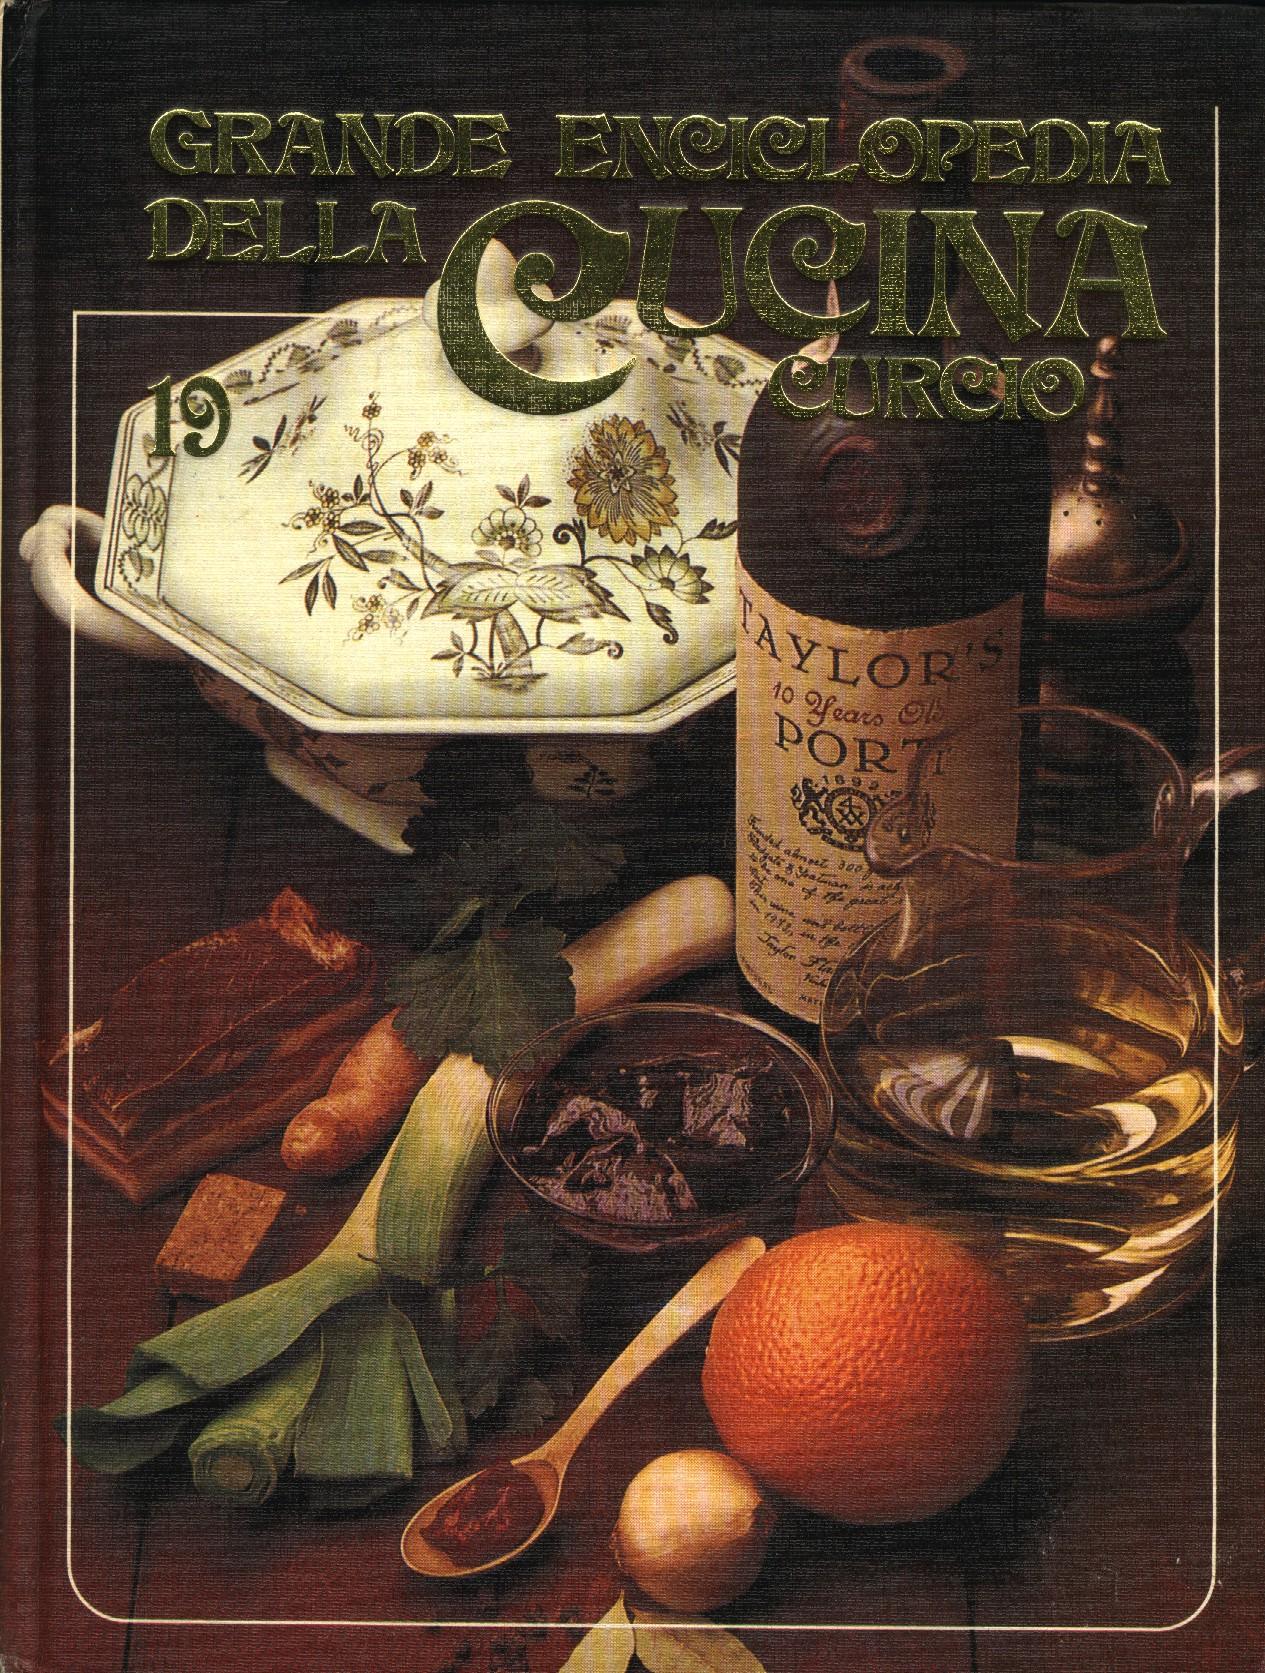 Grande Enciclopedia della Cucina Vol. 19 (rus-sch)